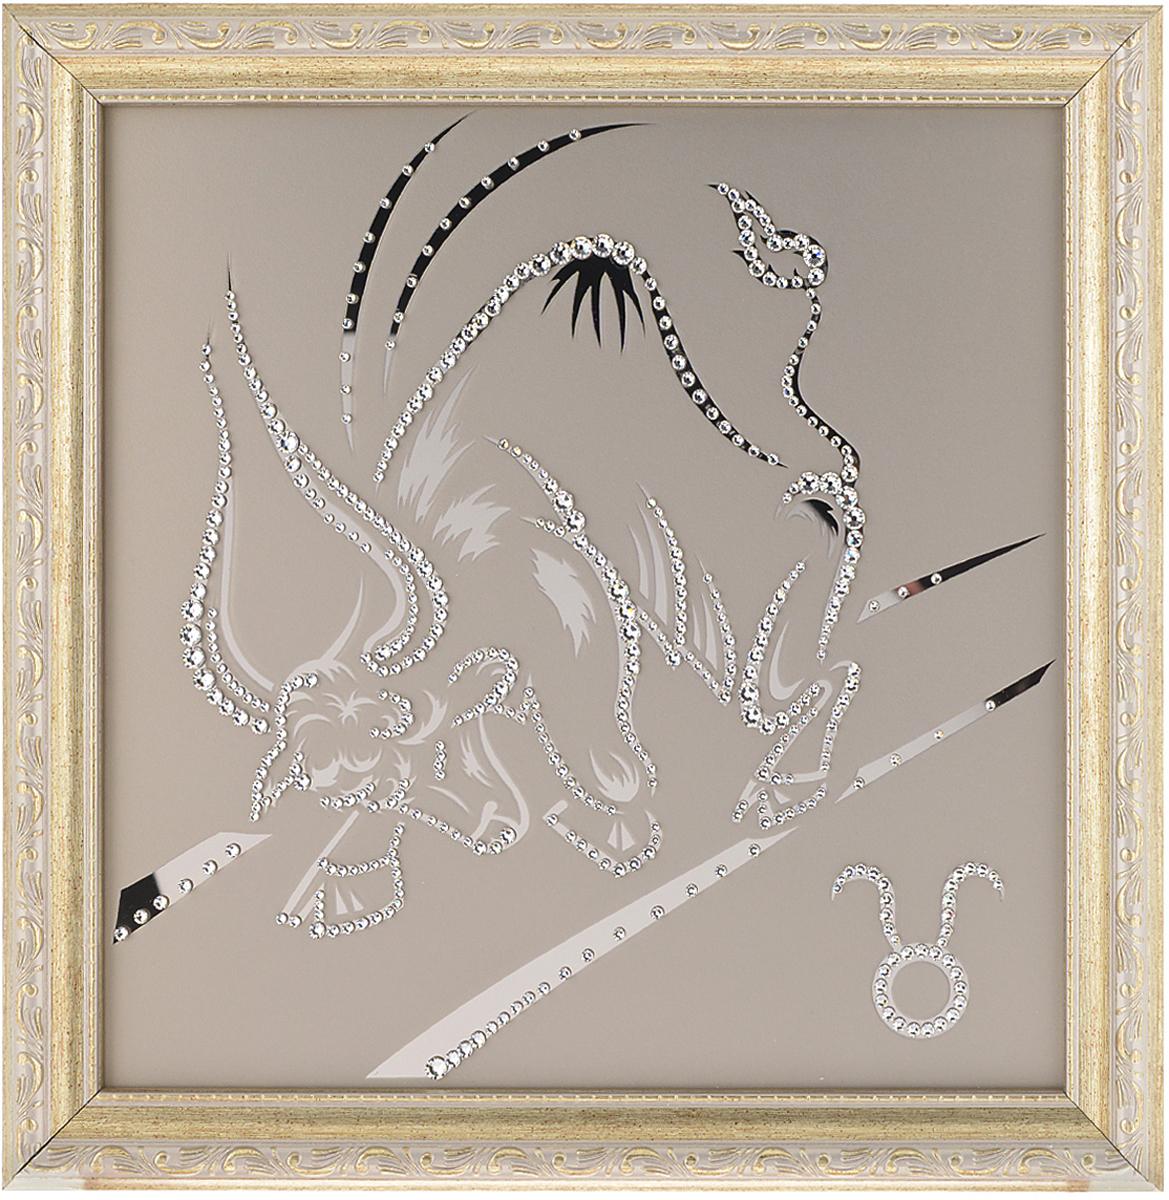 Картина с кристаллами Swarovski Знак зодиака. Телец, 35 см х 35 см1136Изящная картина в багетной раме Знак зодиака. Телец инкрустирована кристаллами Swarovski, которые отличаются четкой и ровной огранкой, ярким блеском и чистотой цвета. Идеально подобранная палитра кристаллов прекрасно дополняет картину. С задней стороны изделие оснащено проволокой для размещения на стене. Картина с кристаллами Swarovski элегантно украсит интерьер дома, а также станет прекрасным подарком, который обязательно понравится получателю. Блеск кристаллов в интерьере - что может быть сказочнее и удивительнее. Изделие упаковано в подарочную картонную коробку синего цвета и комплектуется сертификатом соответствия Swarovski.